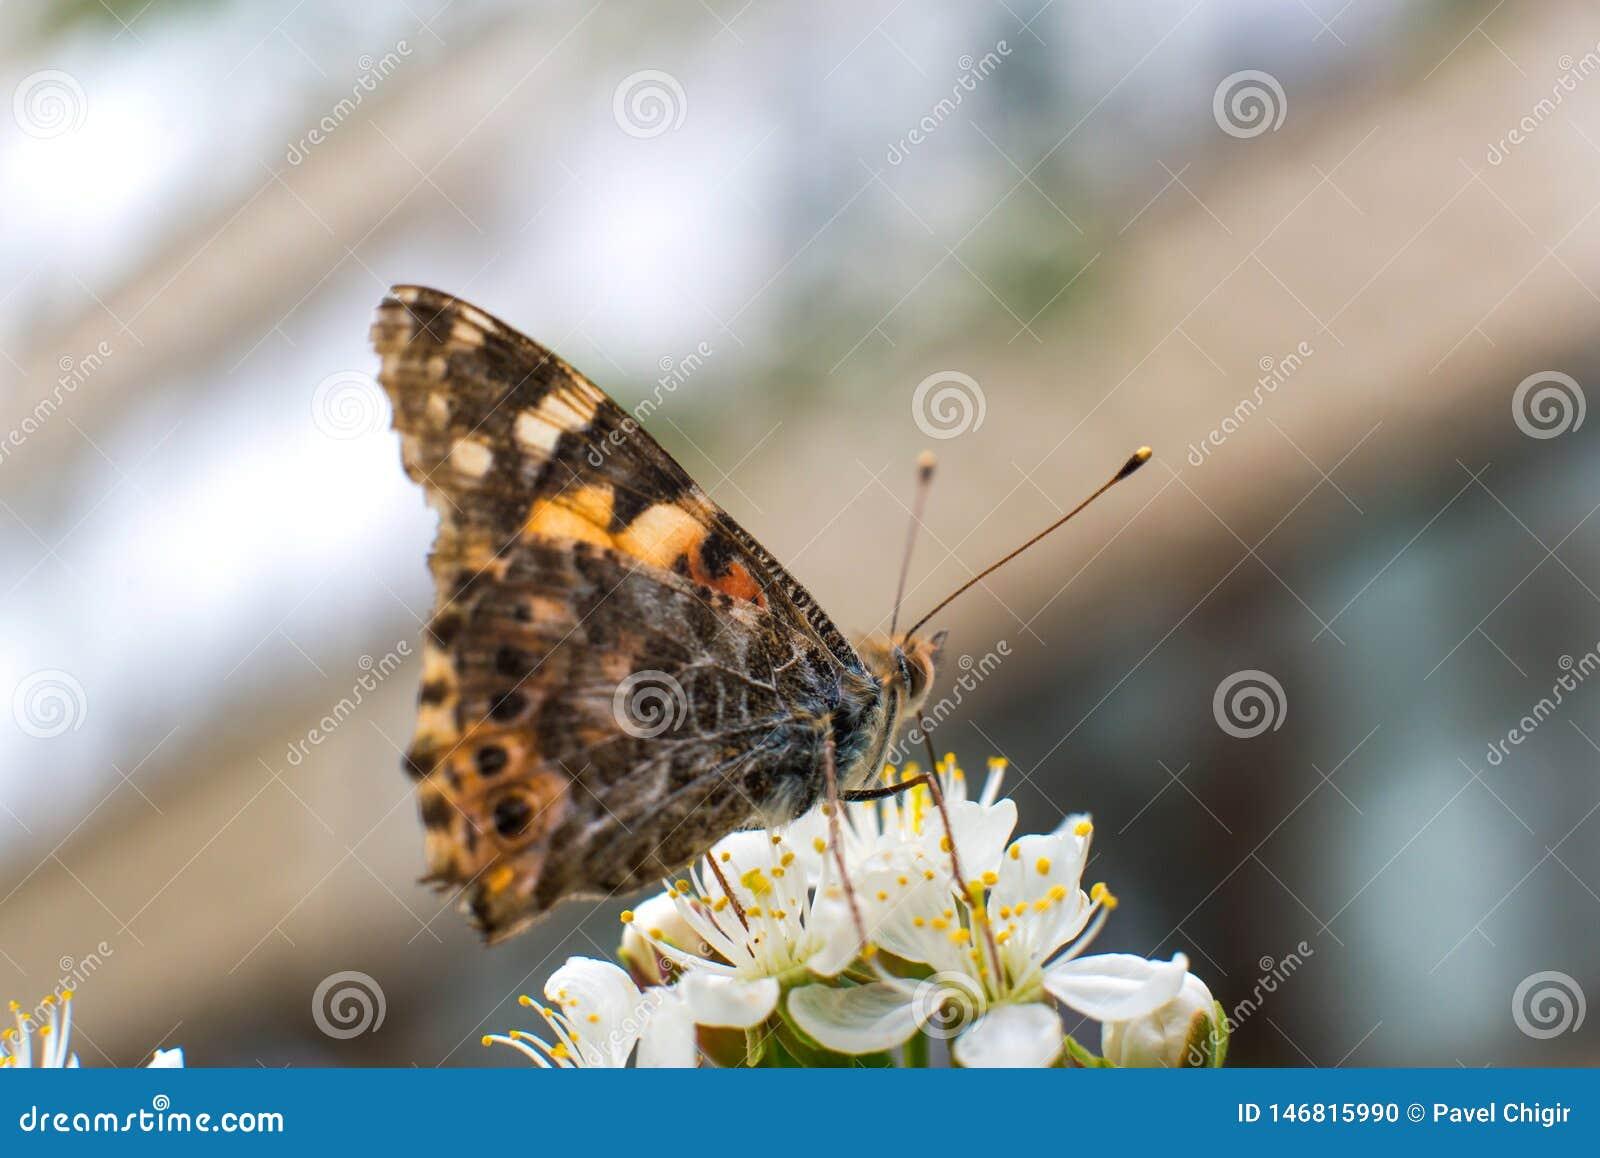 Kolorowy motyl zbiera pollen od czere?niowych okwitni?? z sw?j k?ujkami